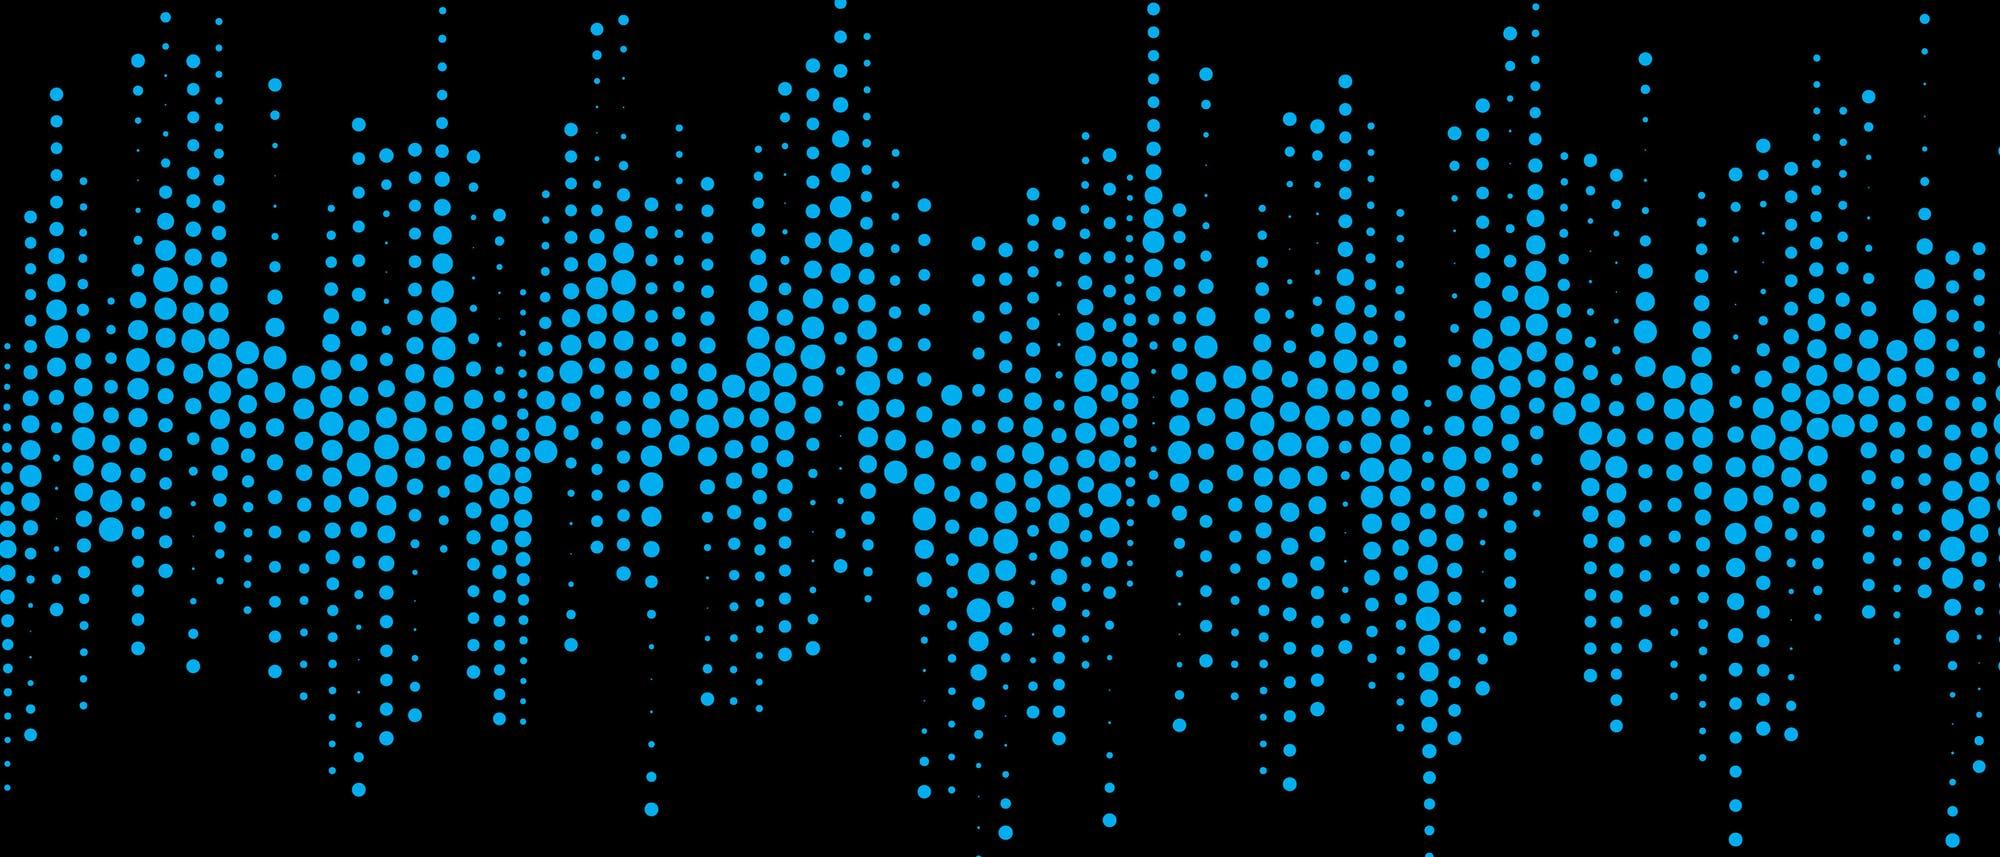 Stilisierte Wellenform aus blauen Punkten